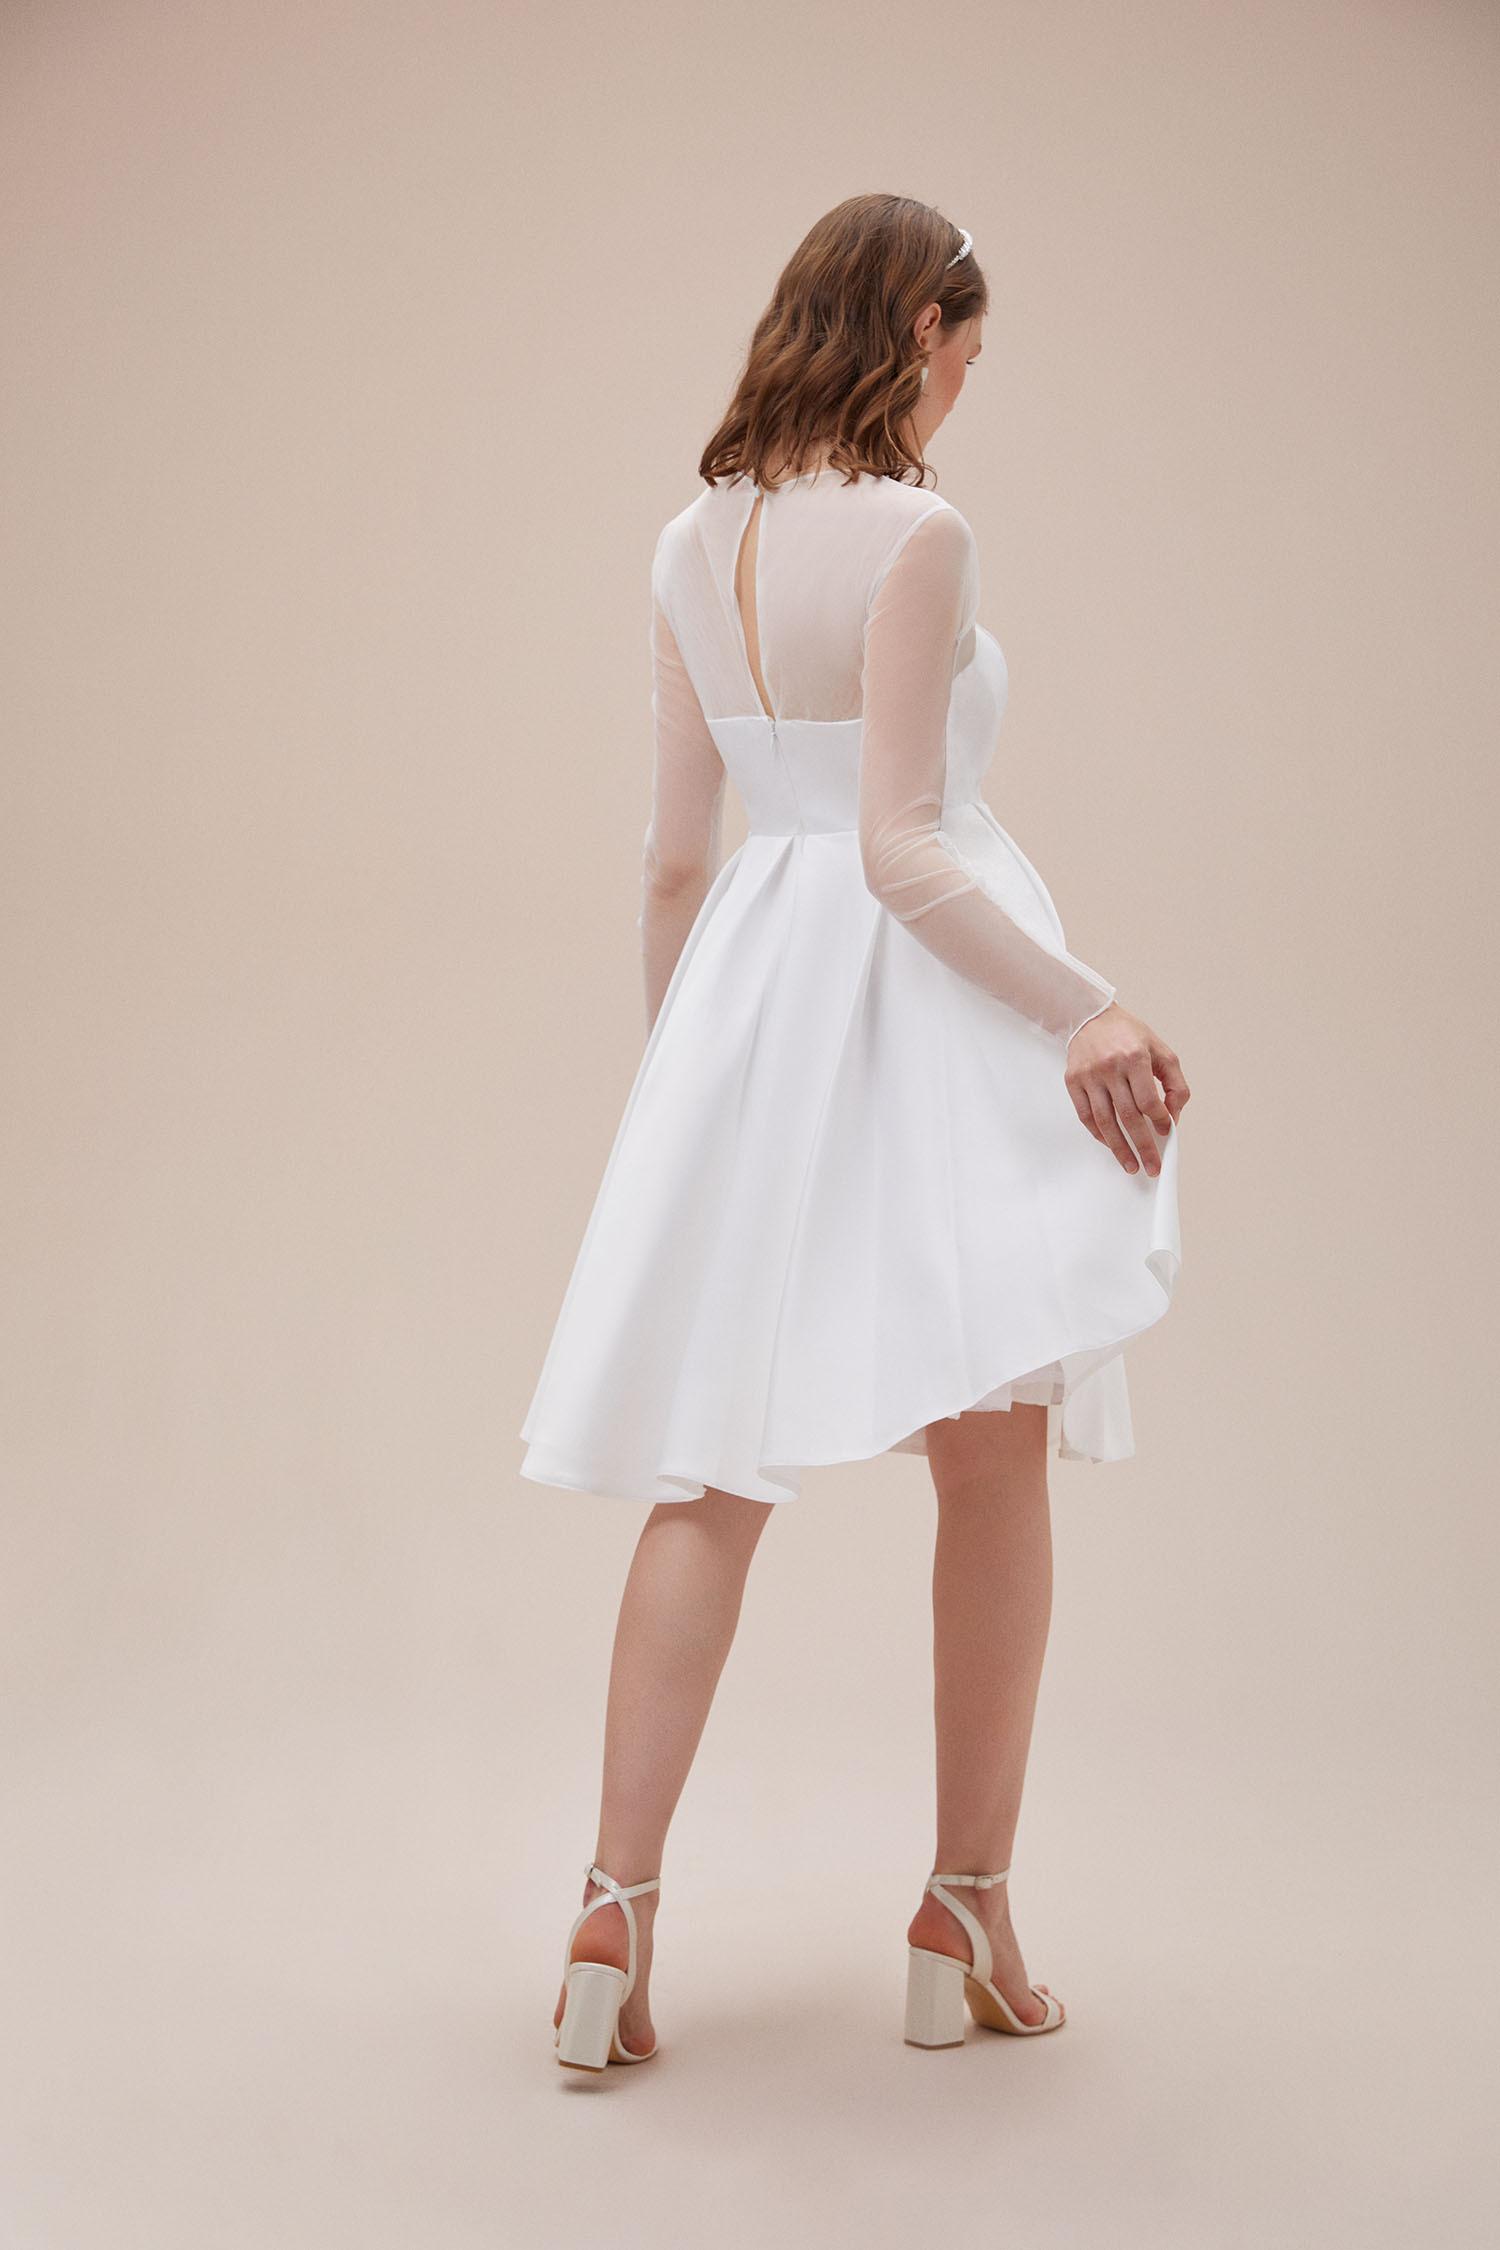 Beyaz Tül Yaka ve Uzun Kollu Saten Midi Boy Nikah Elbisesi - Thumbnail